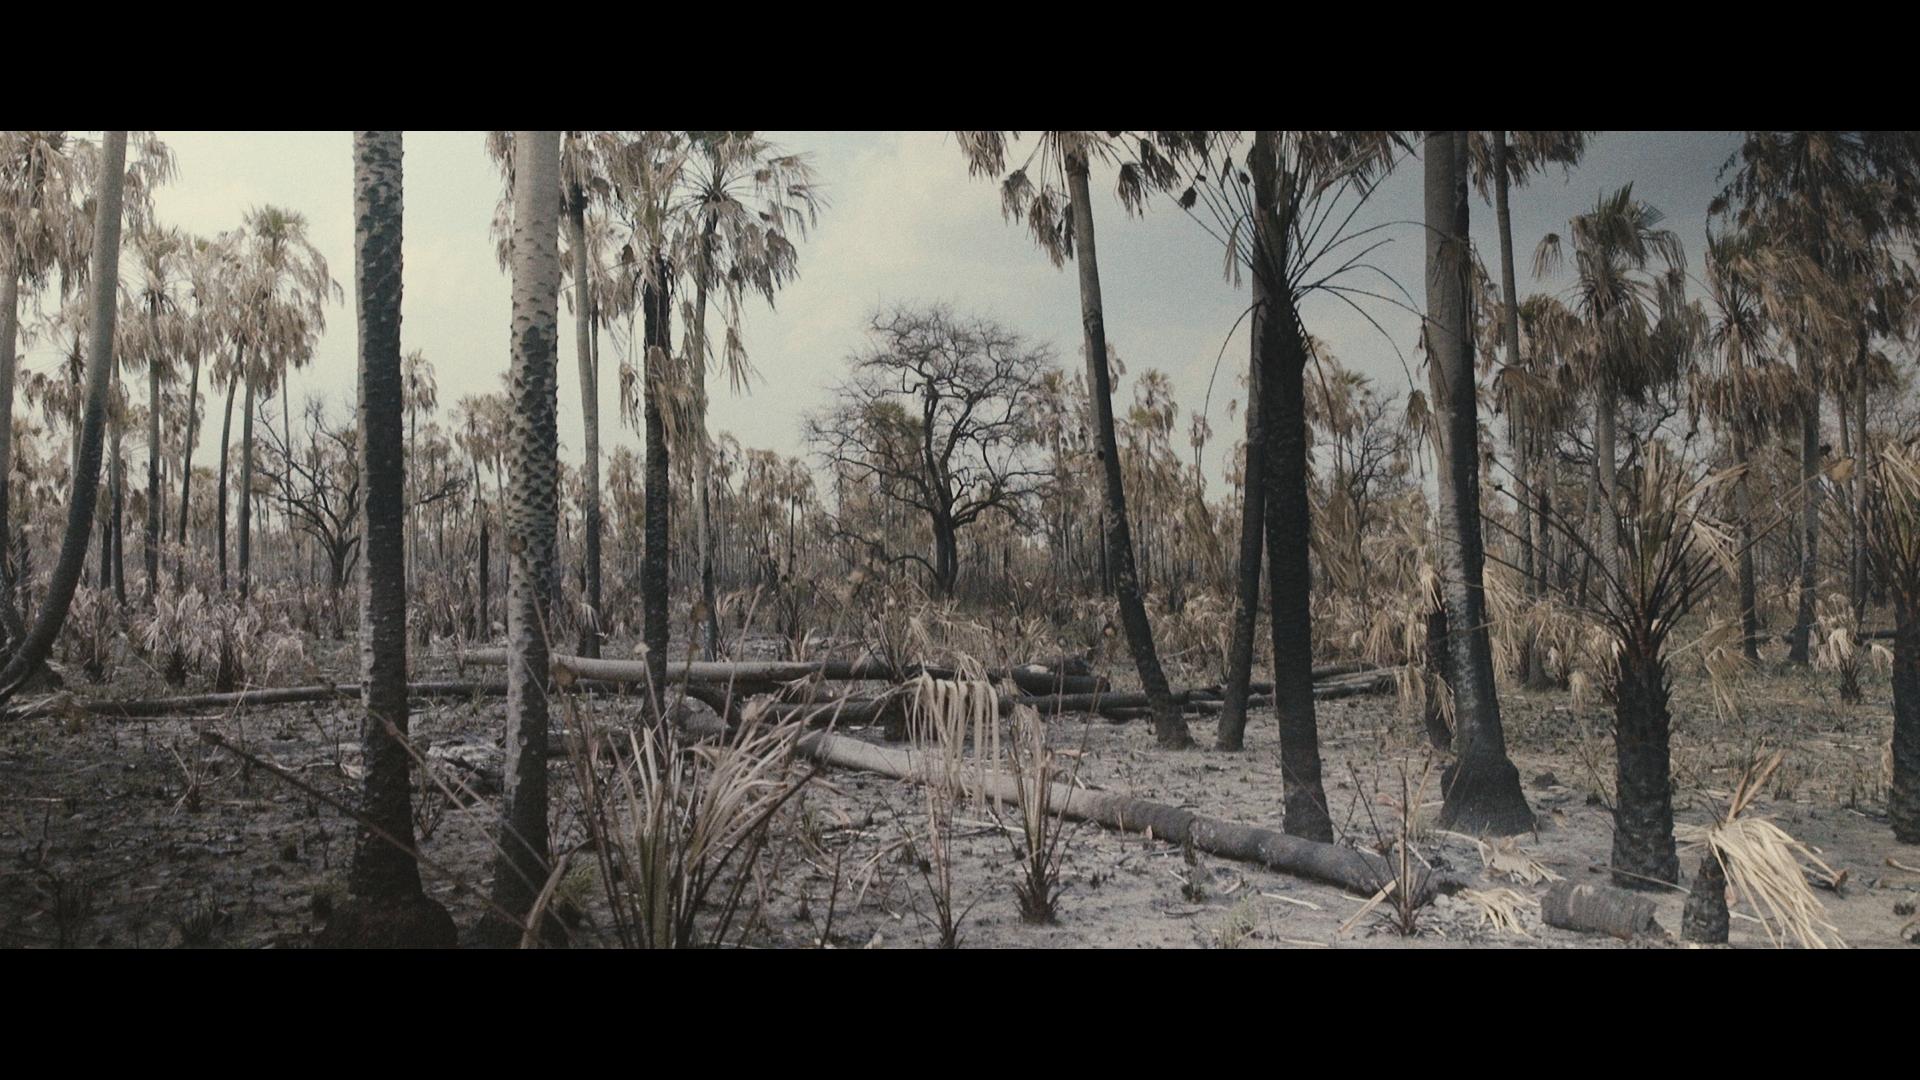 Still del proyecto documental actual  Apenas el Sol, dirigido por Arami   Ullón.